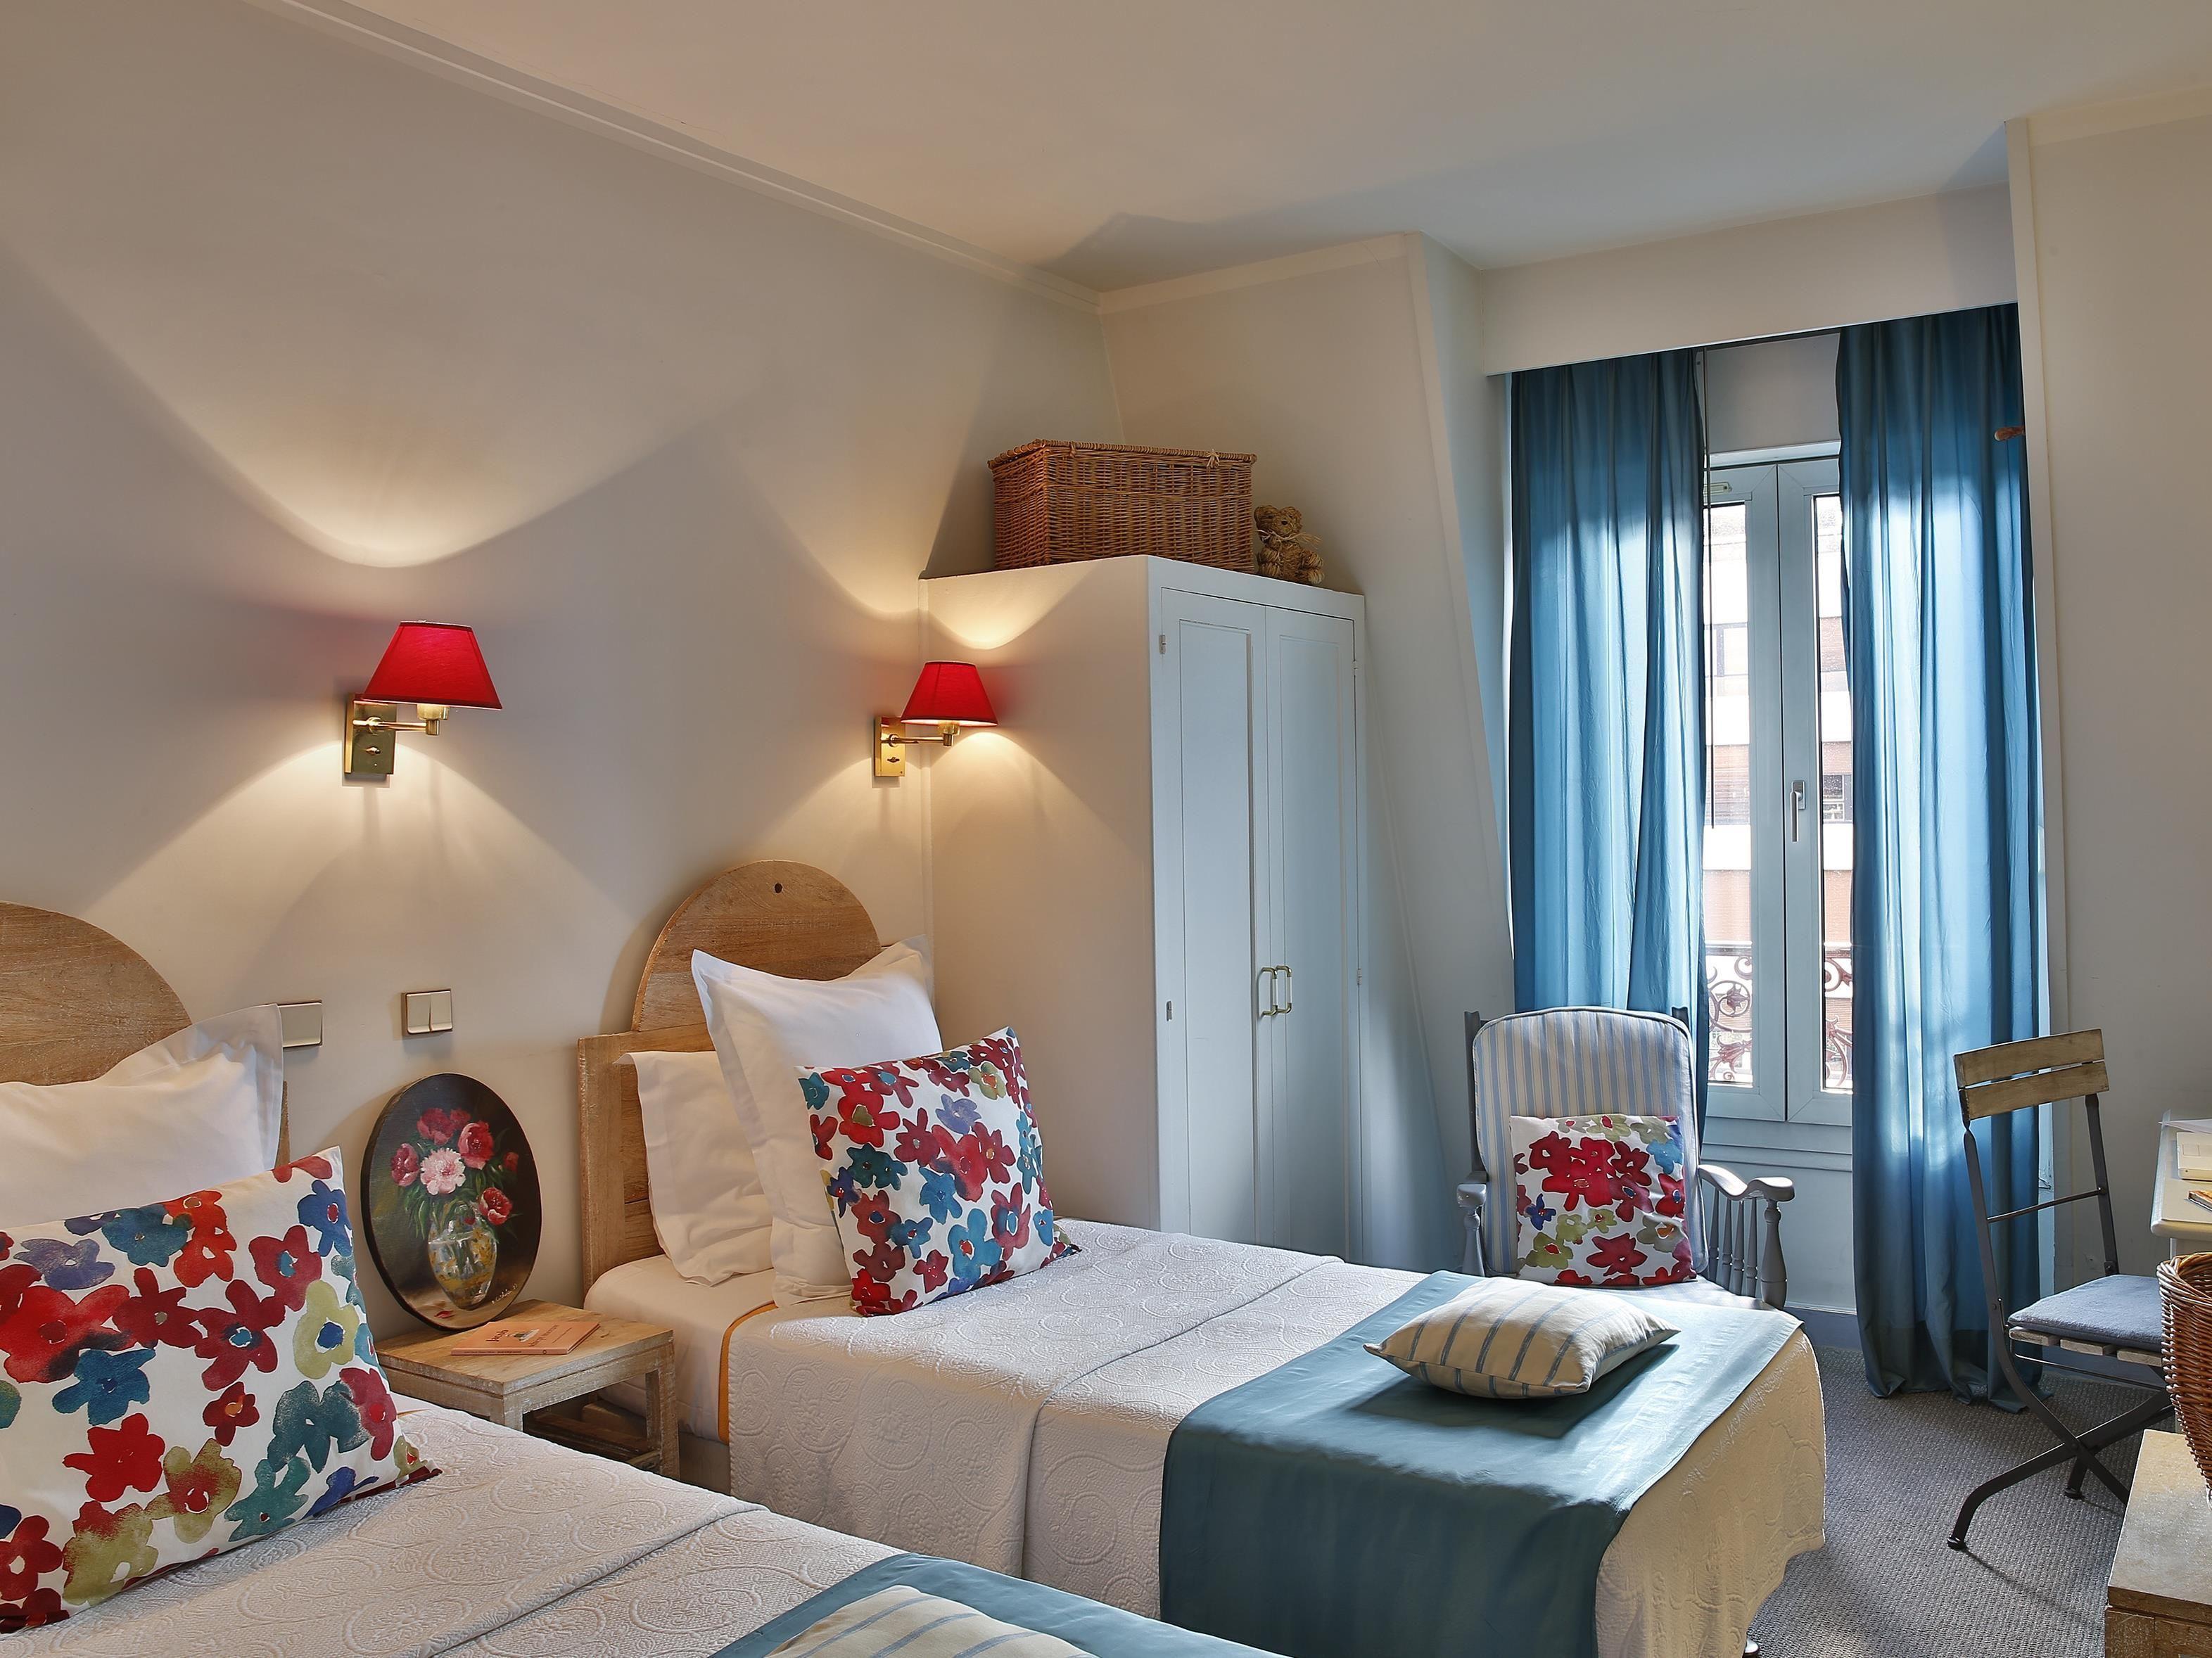 Hotel De La Paix Montparnasse Paris, France